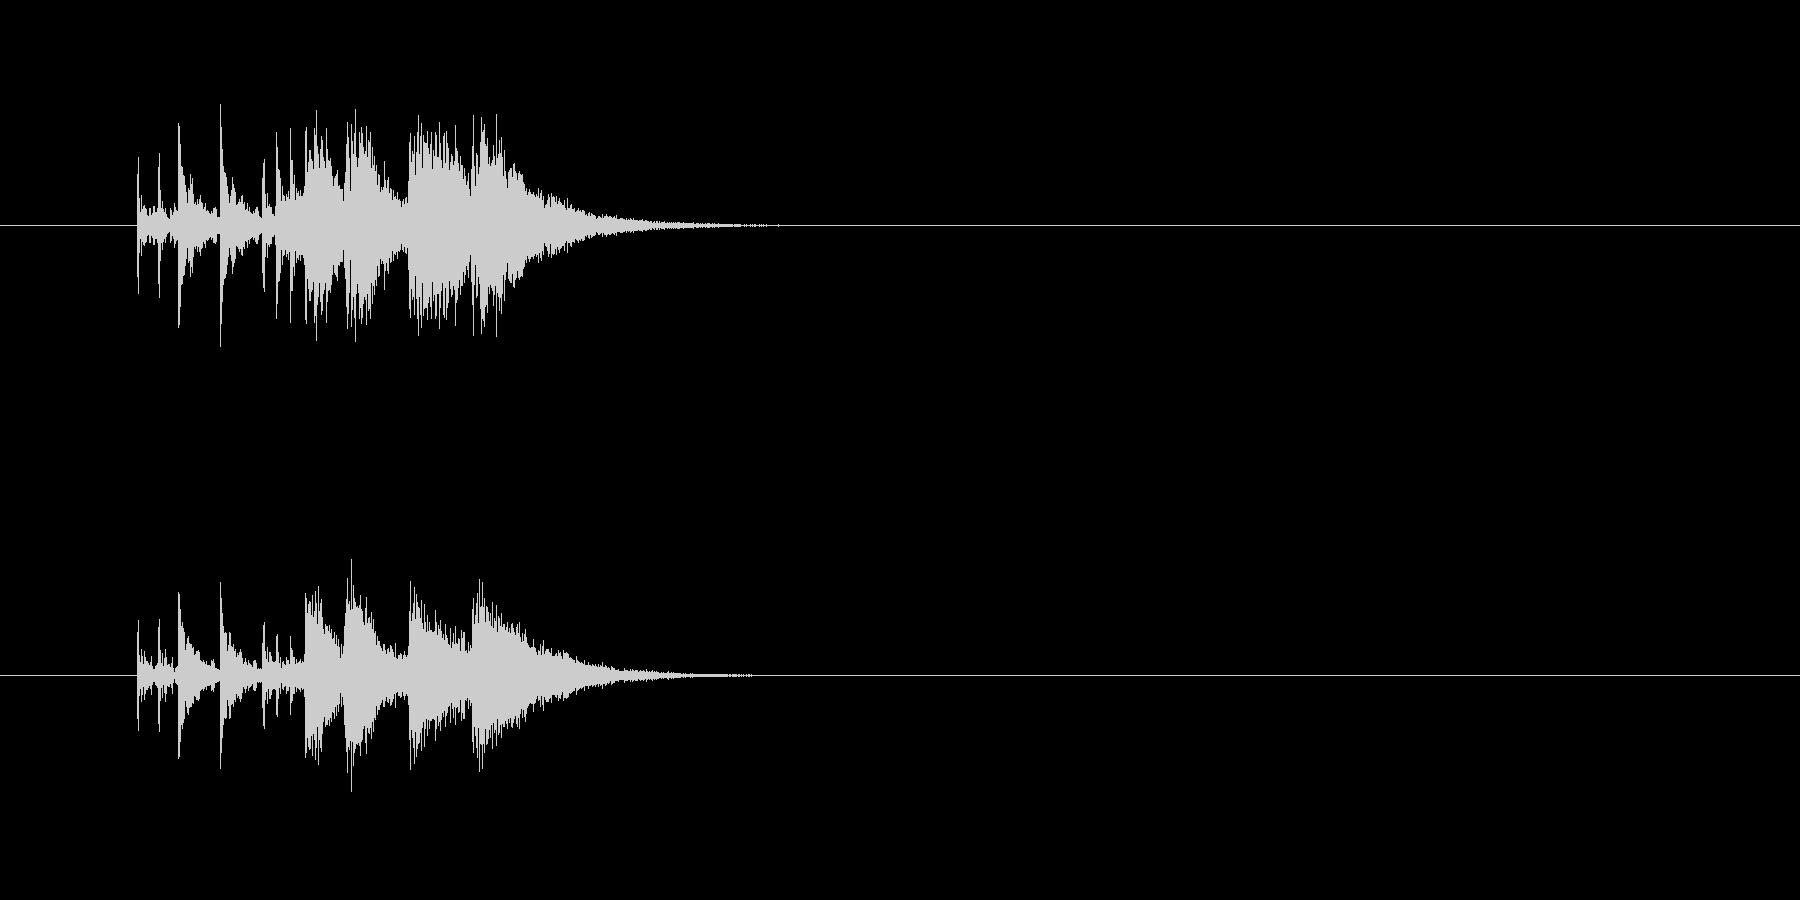 パワフル ドラム 派手 シンセサイザーの未再生の波形